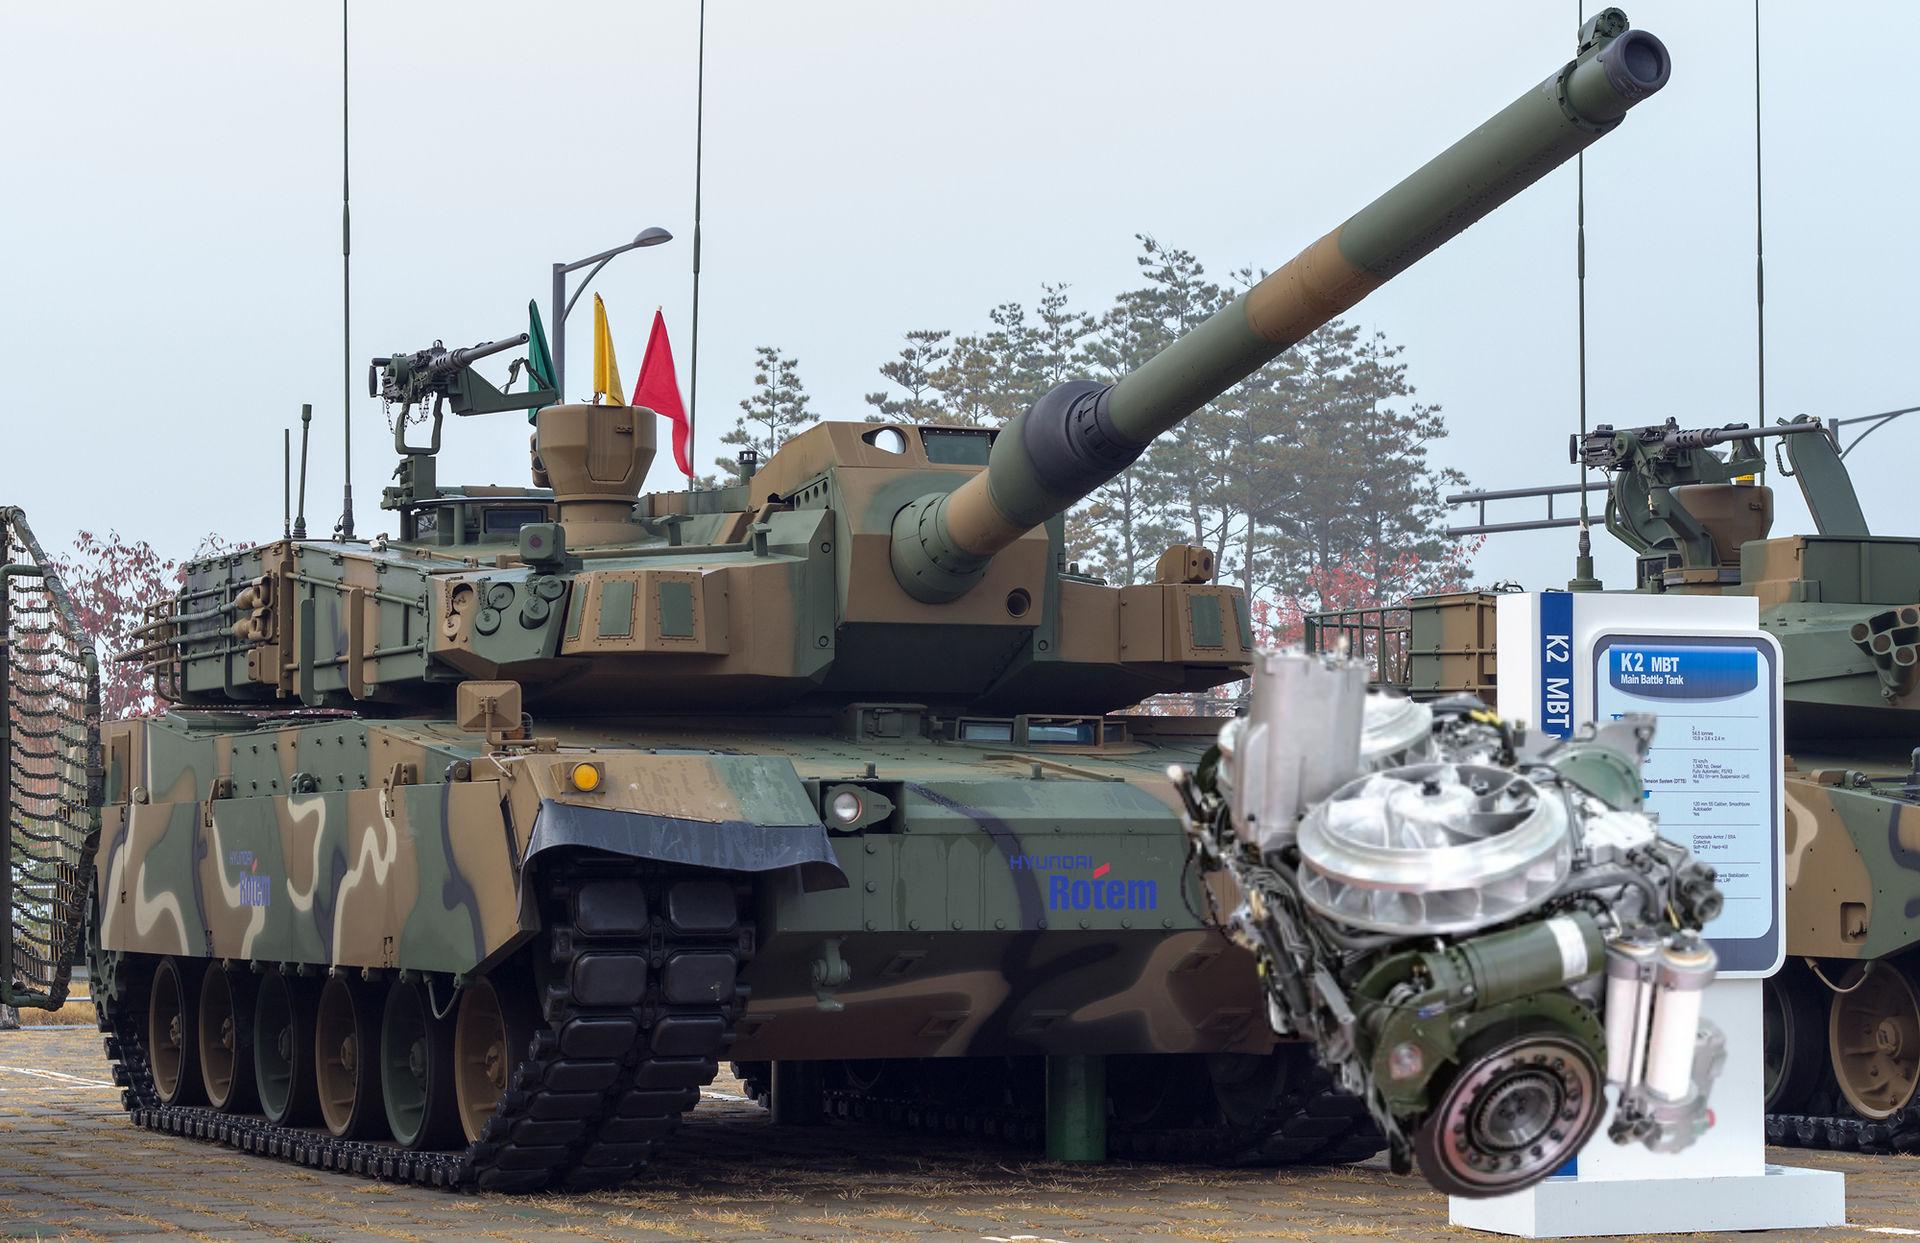 Kore 3'üncü Paket K2 AMT için Tercihini Yine Renk HSWL 295TM Transmisyonundan Yana Kullandı!